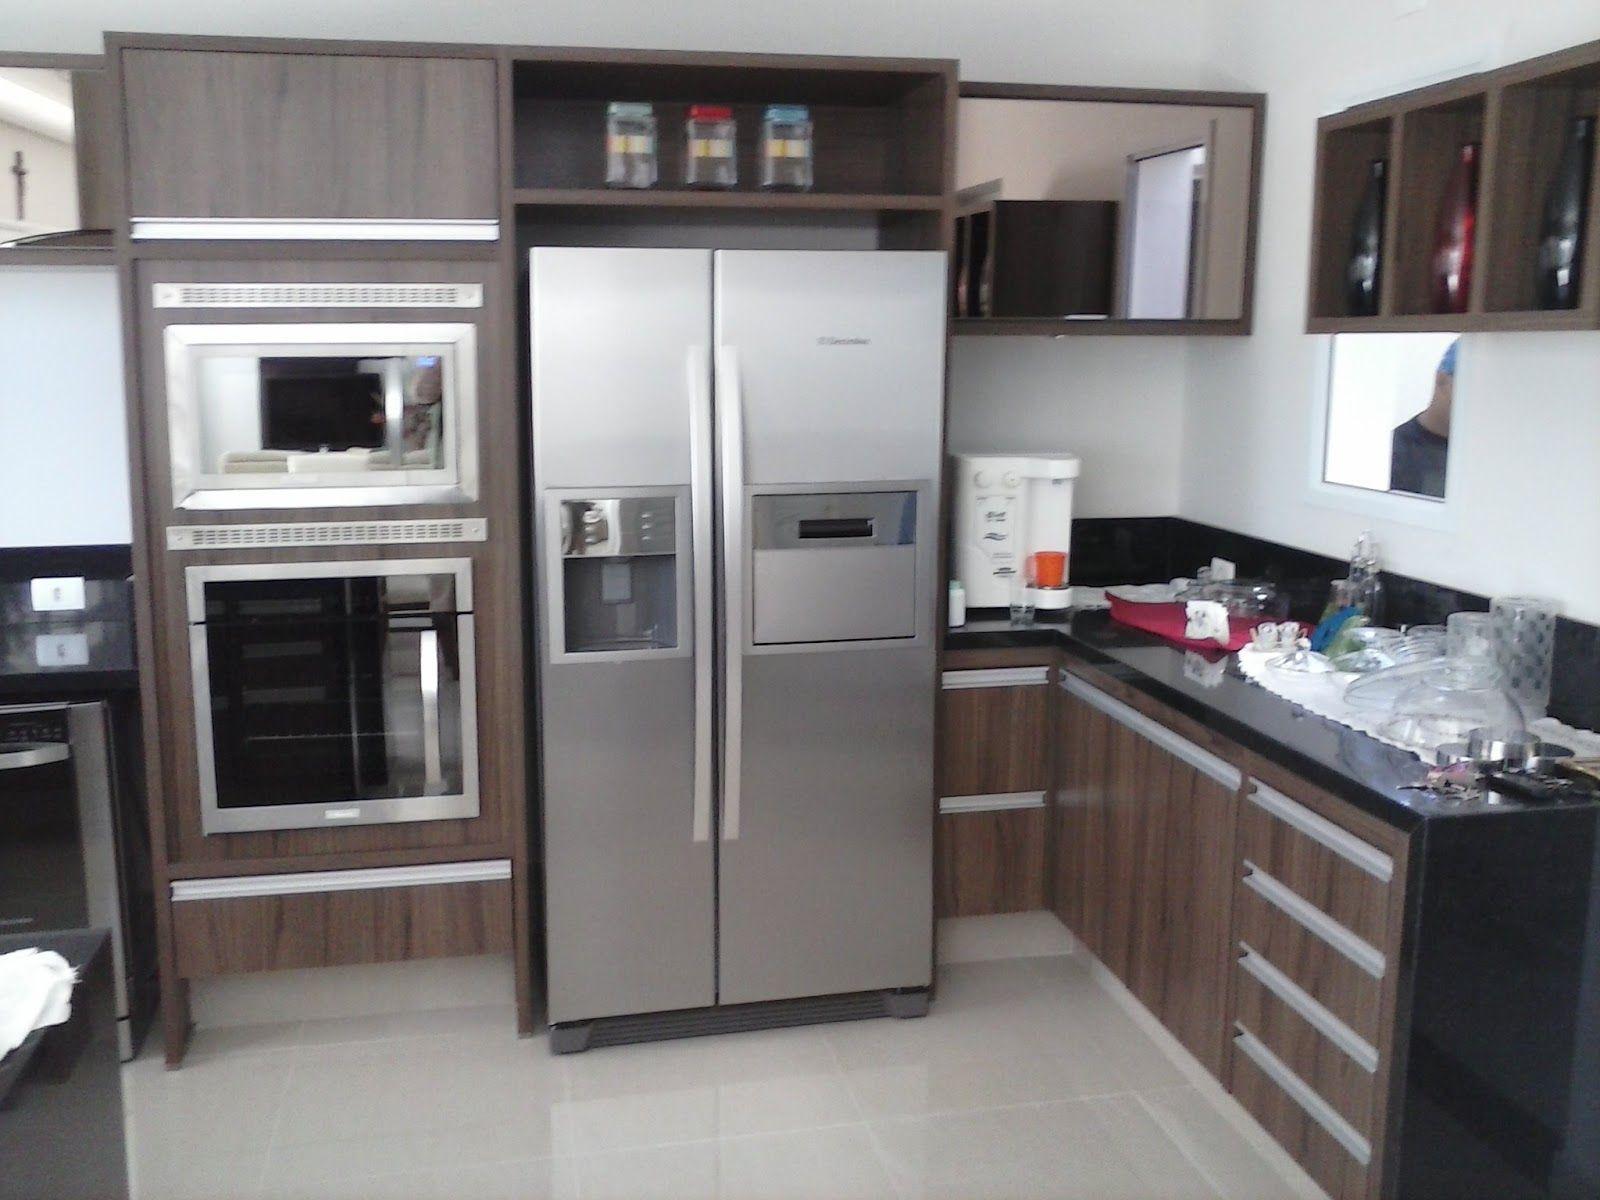 Cam00136 Jpg 1600 1200 Com Imagens Cozinhas Modernas Moveis